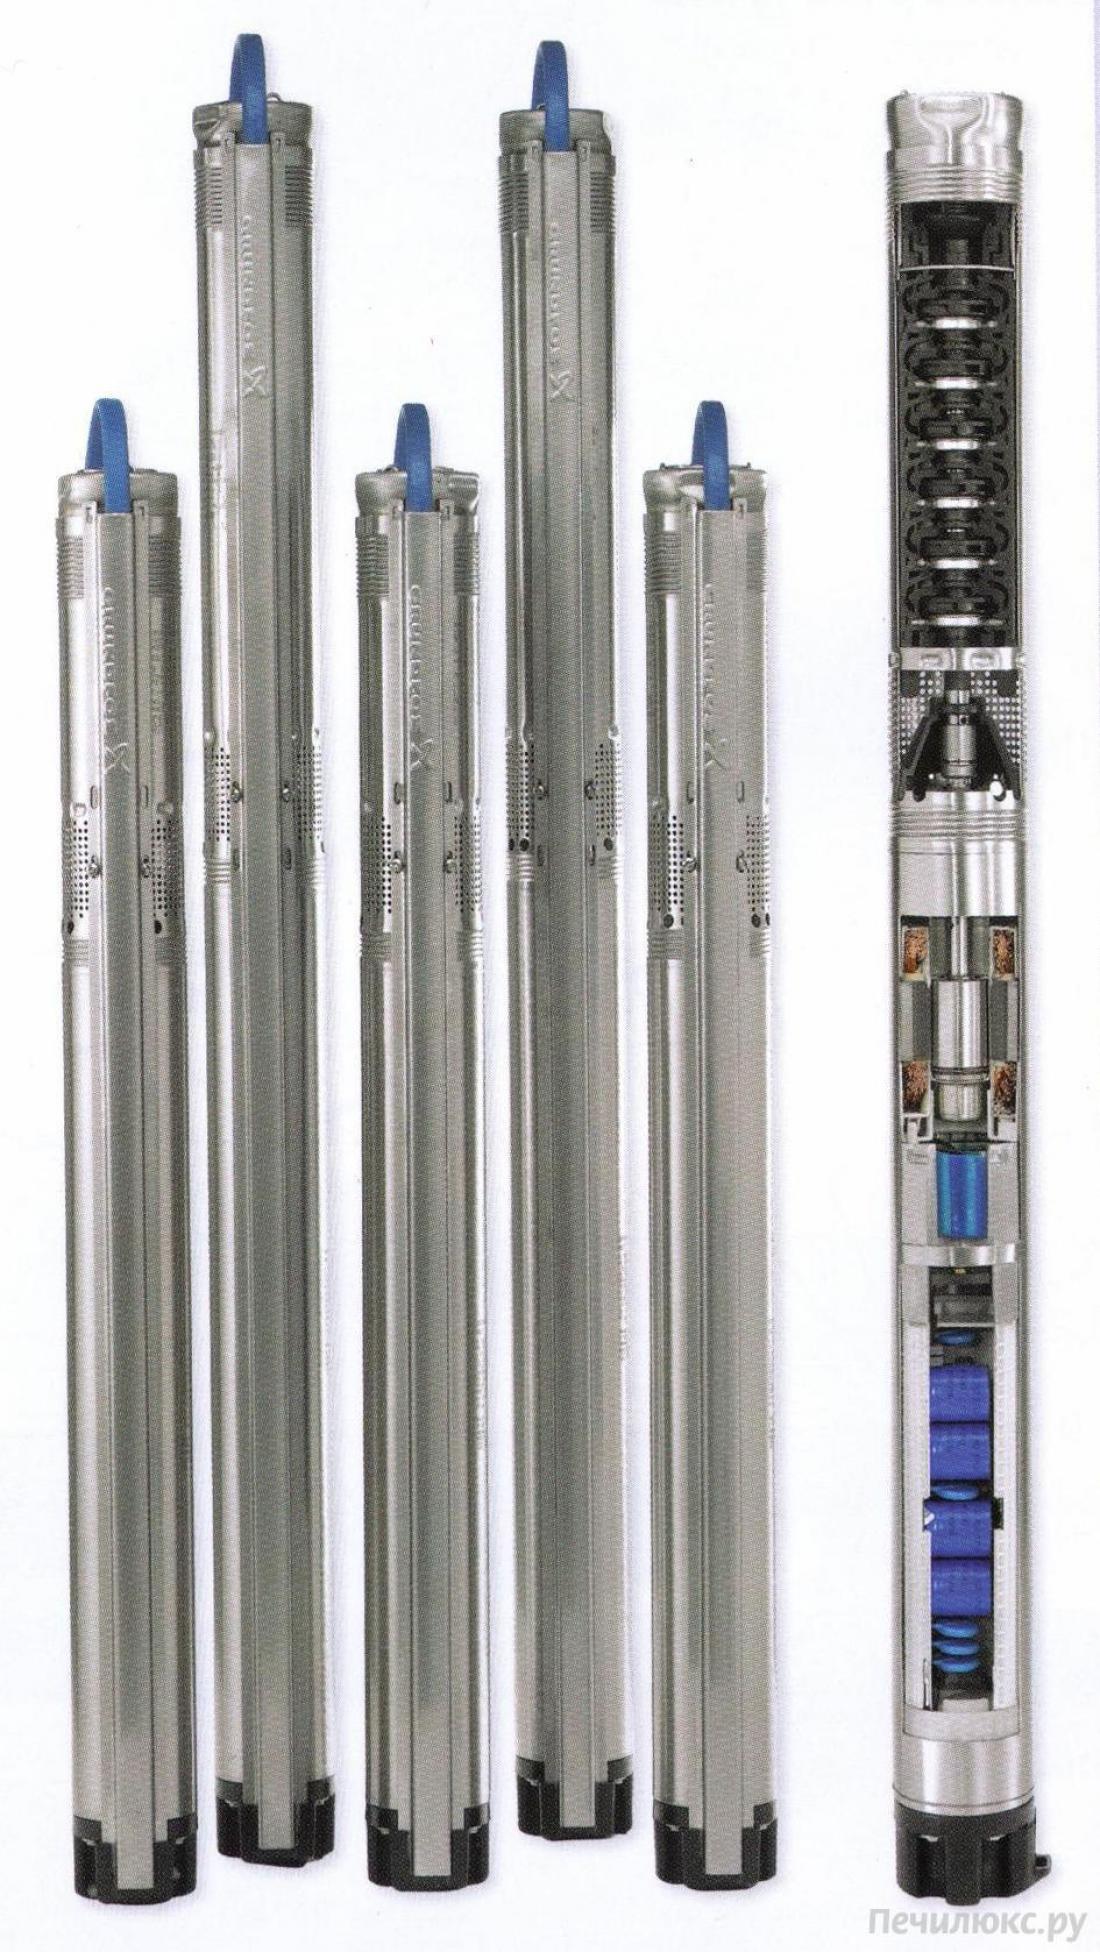 SQ  3- 40     0.70kW 200-240V 50/60Hz